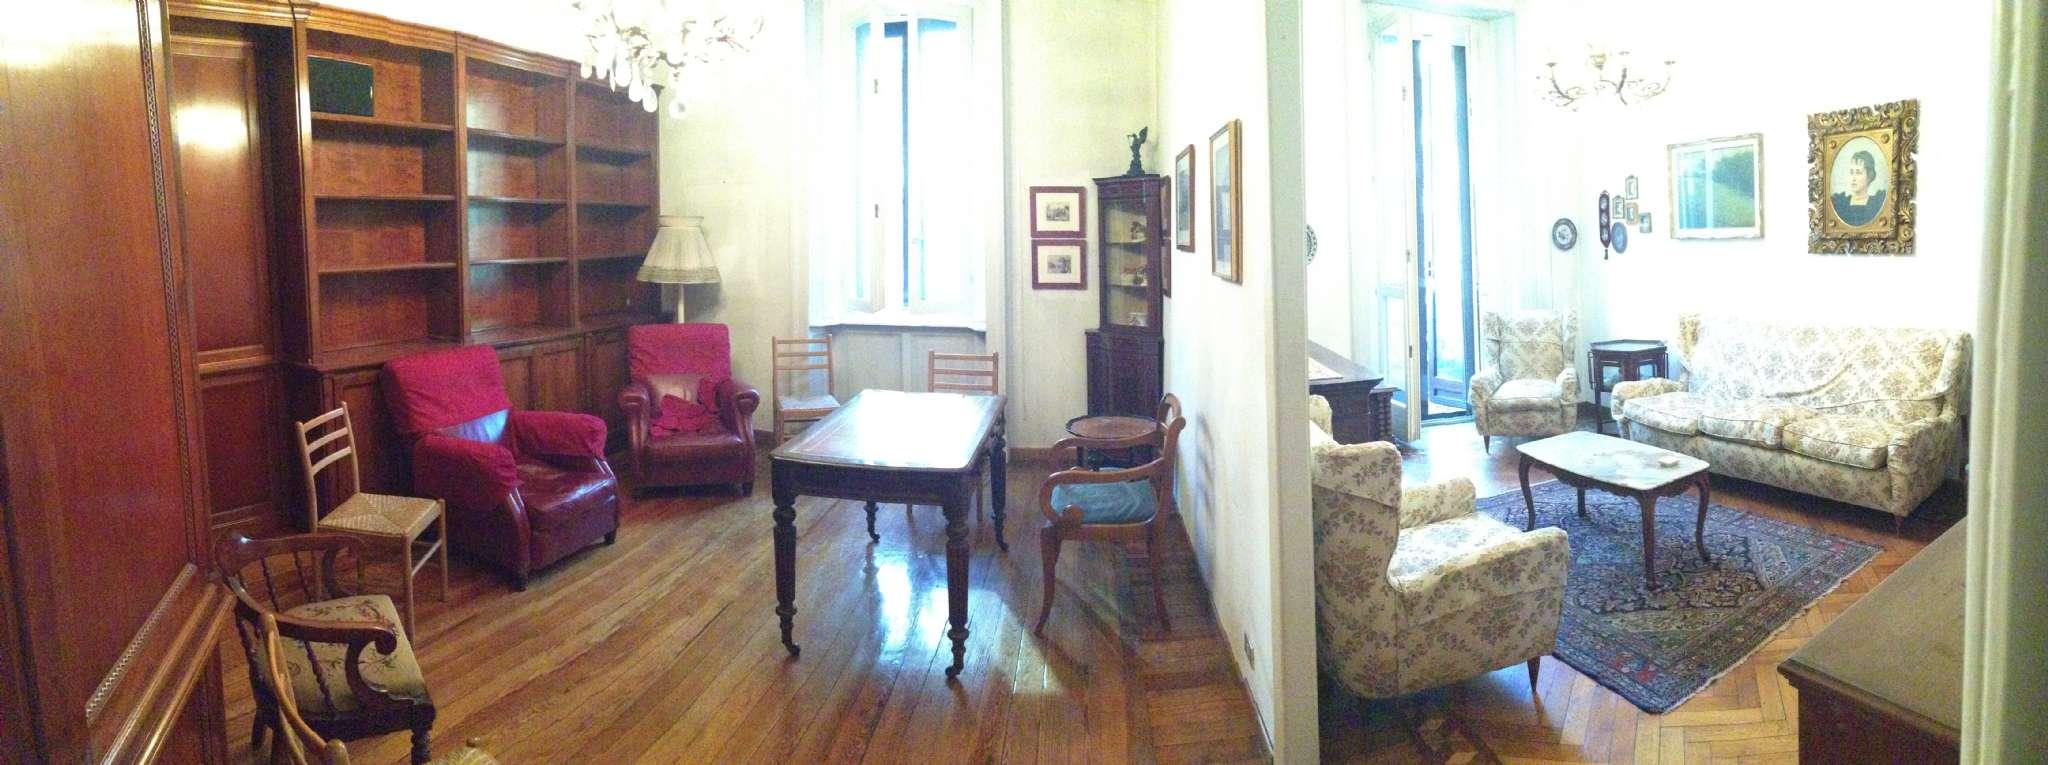 Appartamento in Vendita a Milano: 3 locali, 135 mq - Foto 6